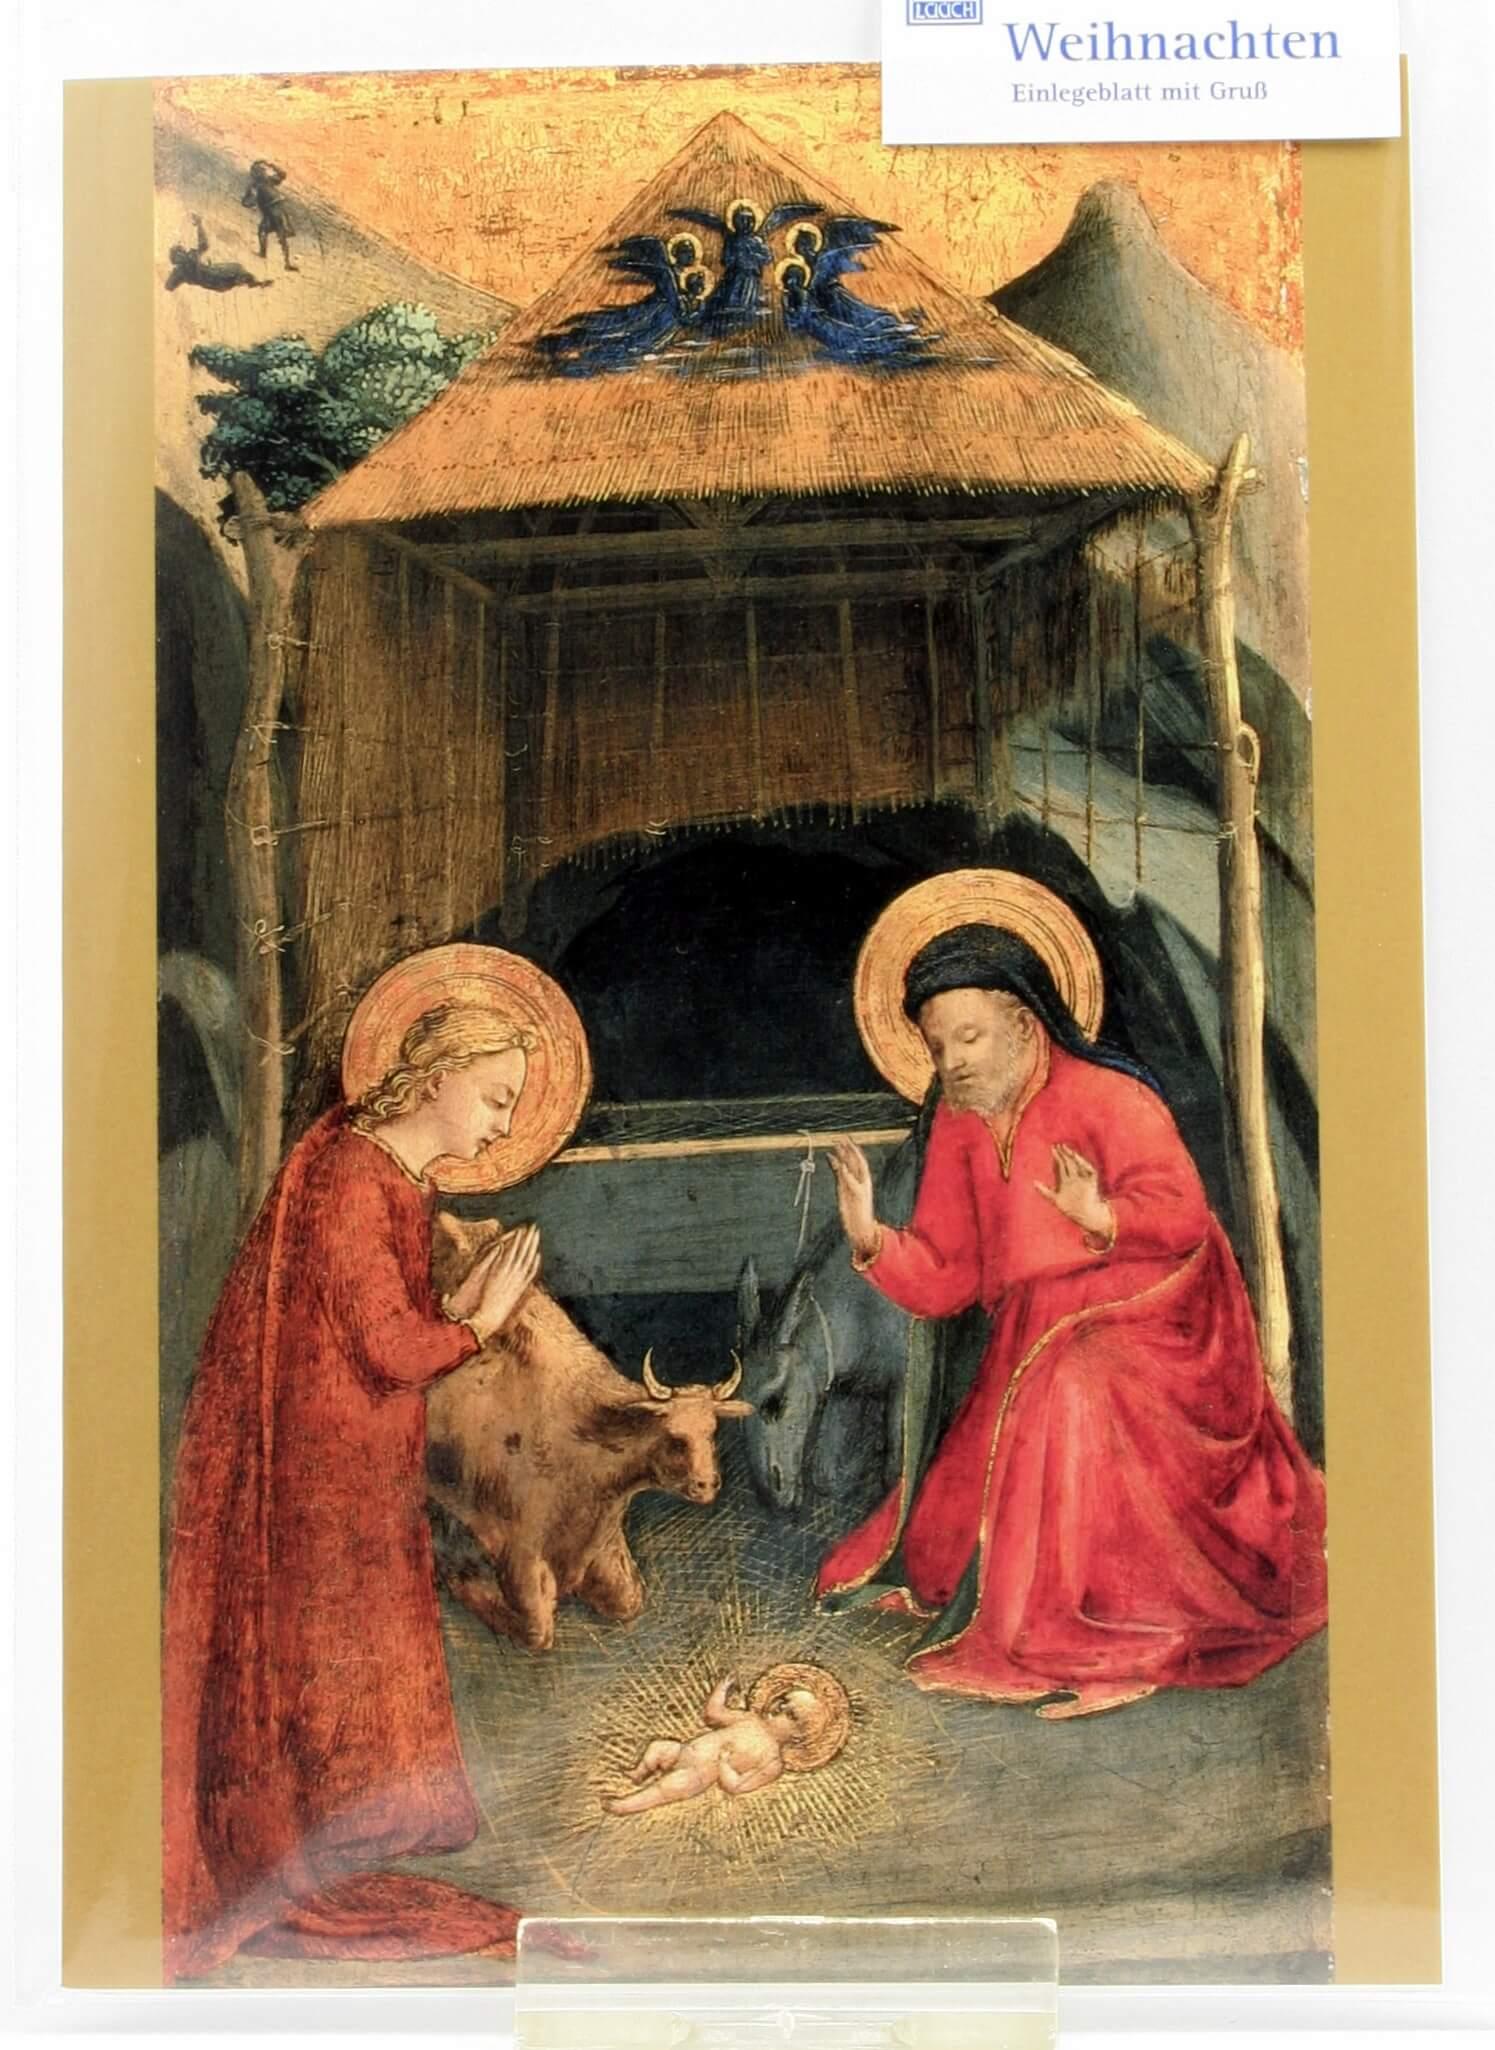 Weihnachtskarte - Geburt Christi v. Fra Angelico